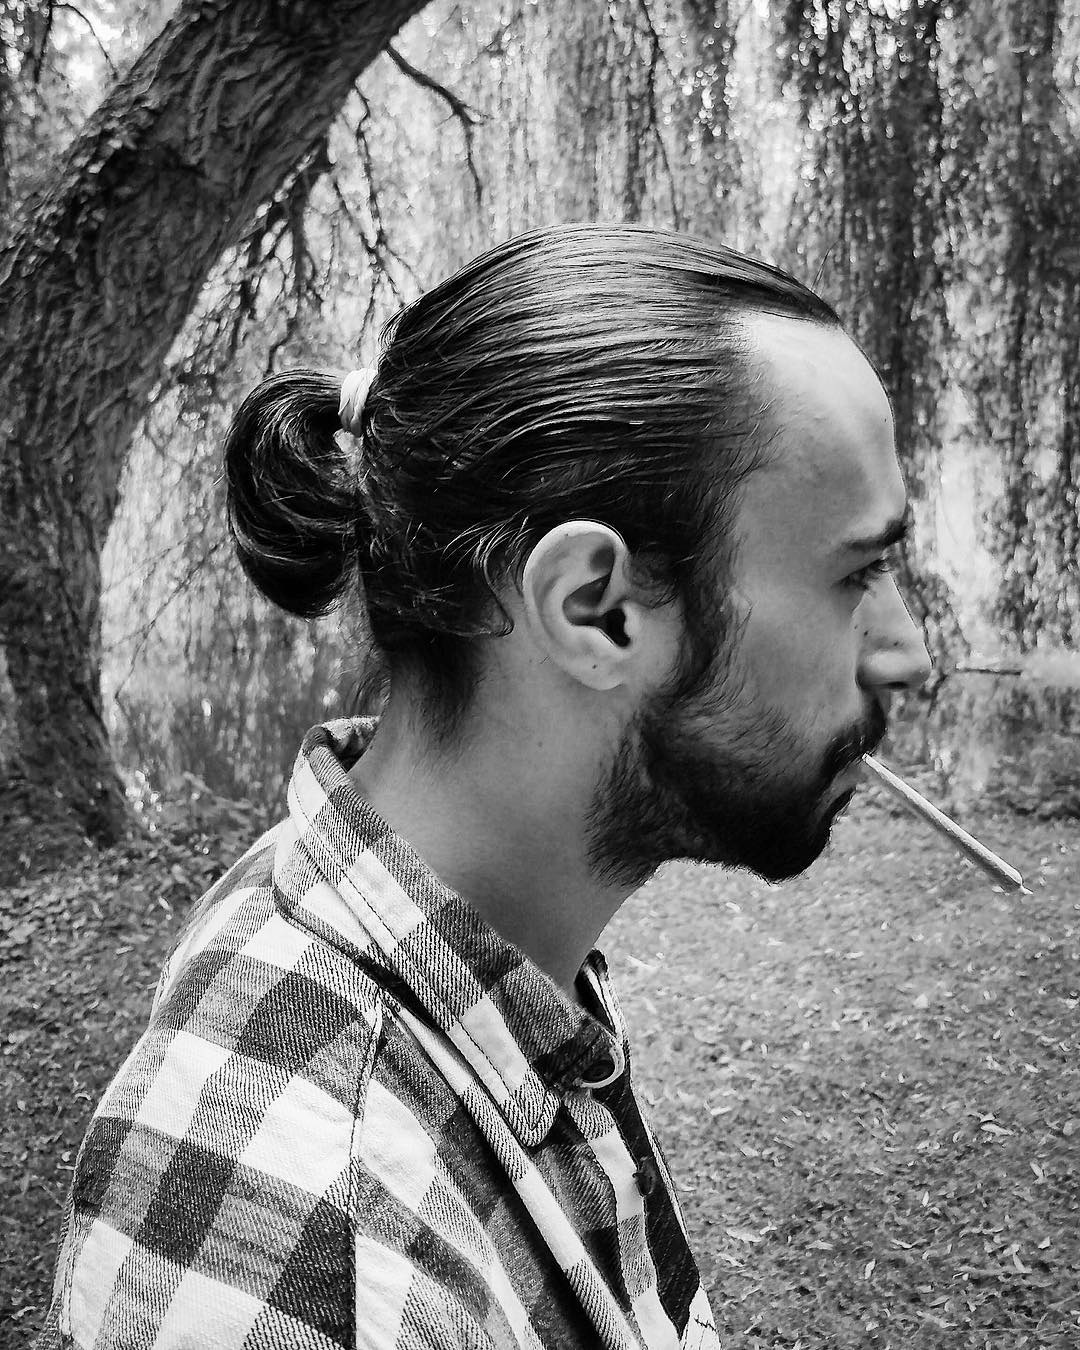 Cabelo-masculino-grande-Tendências-atuais-de-cabelo